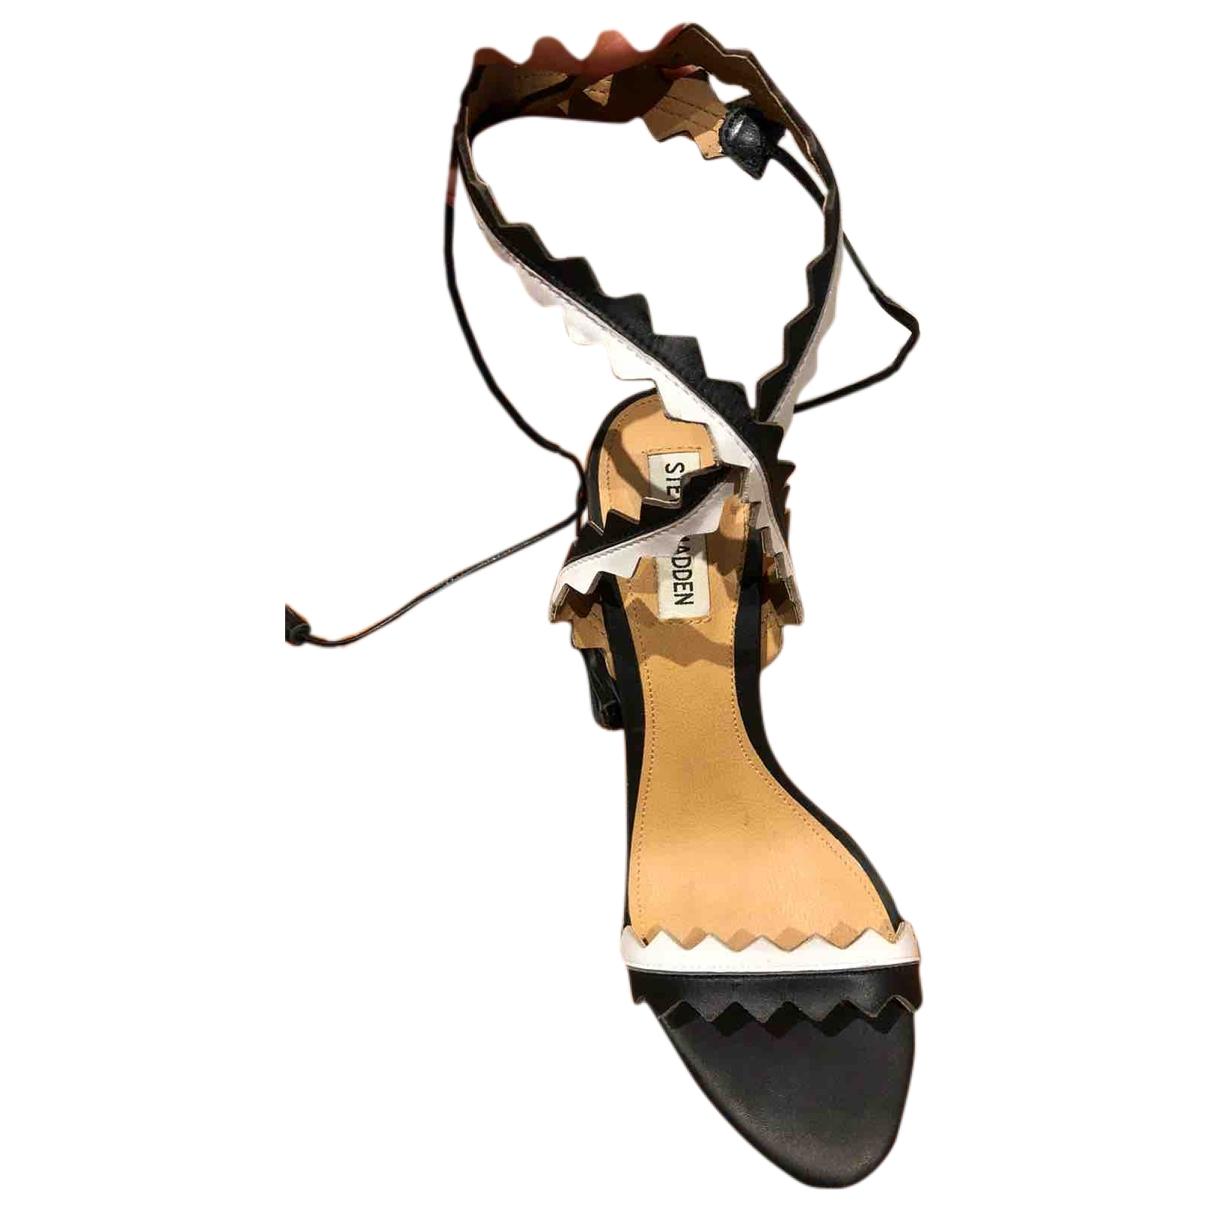 Steve Madden - Escarpins   pour femme en cuir - multicolore